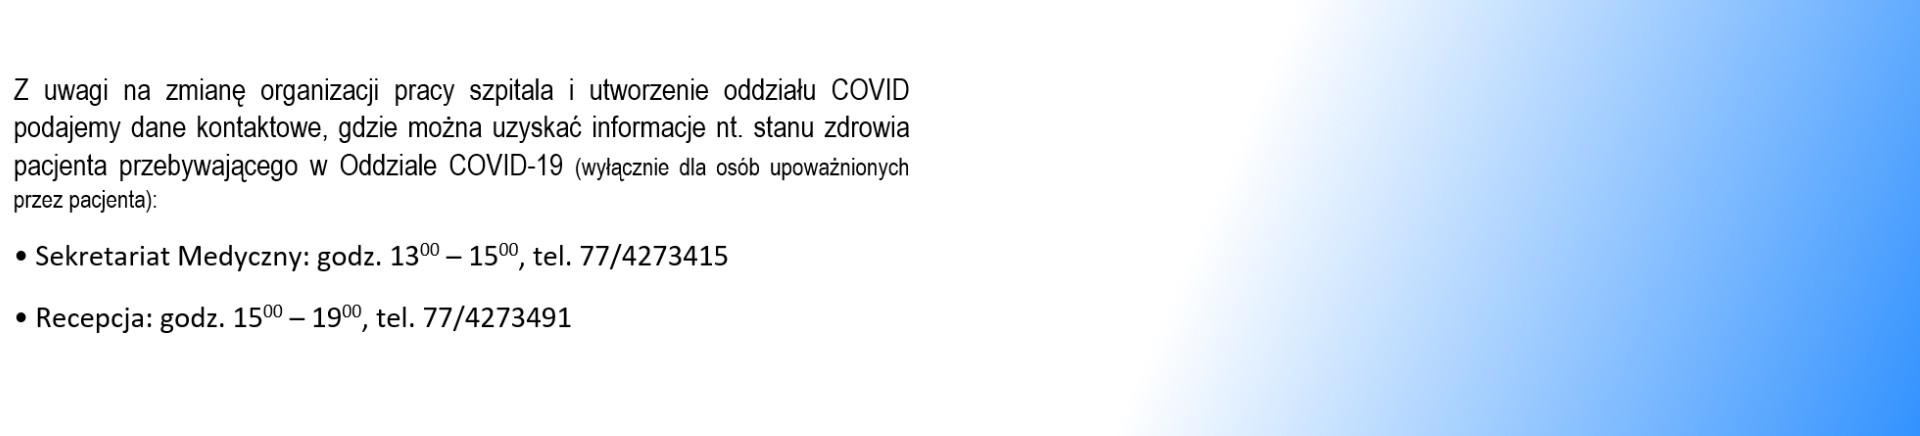 Stan zdrowia pacjenta COVID